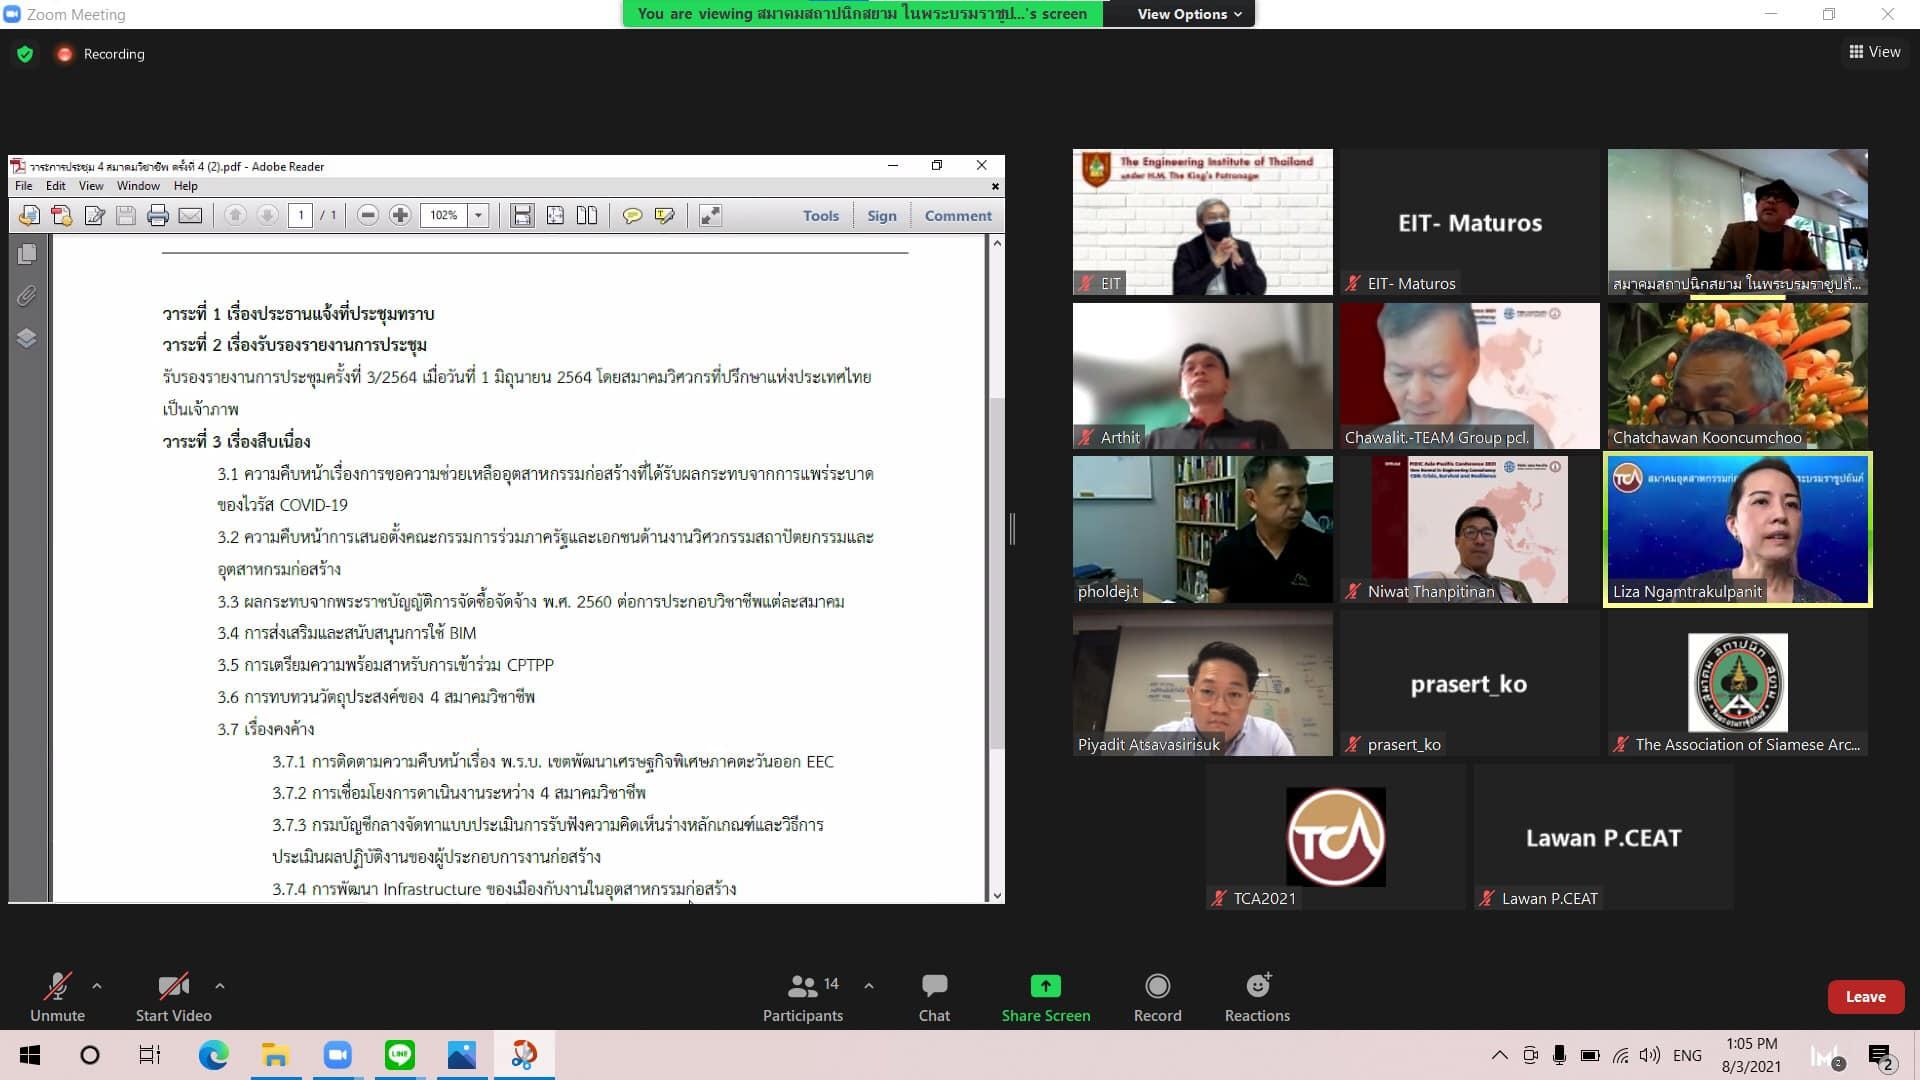 การประชุม 4 สมาคมวิชาชีพ ครั้งที่ 4/2564 ผ่านระบบออนไลน์ โดยสมาคมสถาปนิกสยาม ในพระบรมราชูปถัมภ์ เป็นเจ้าภาพ